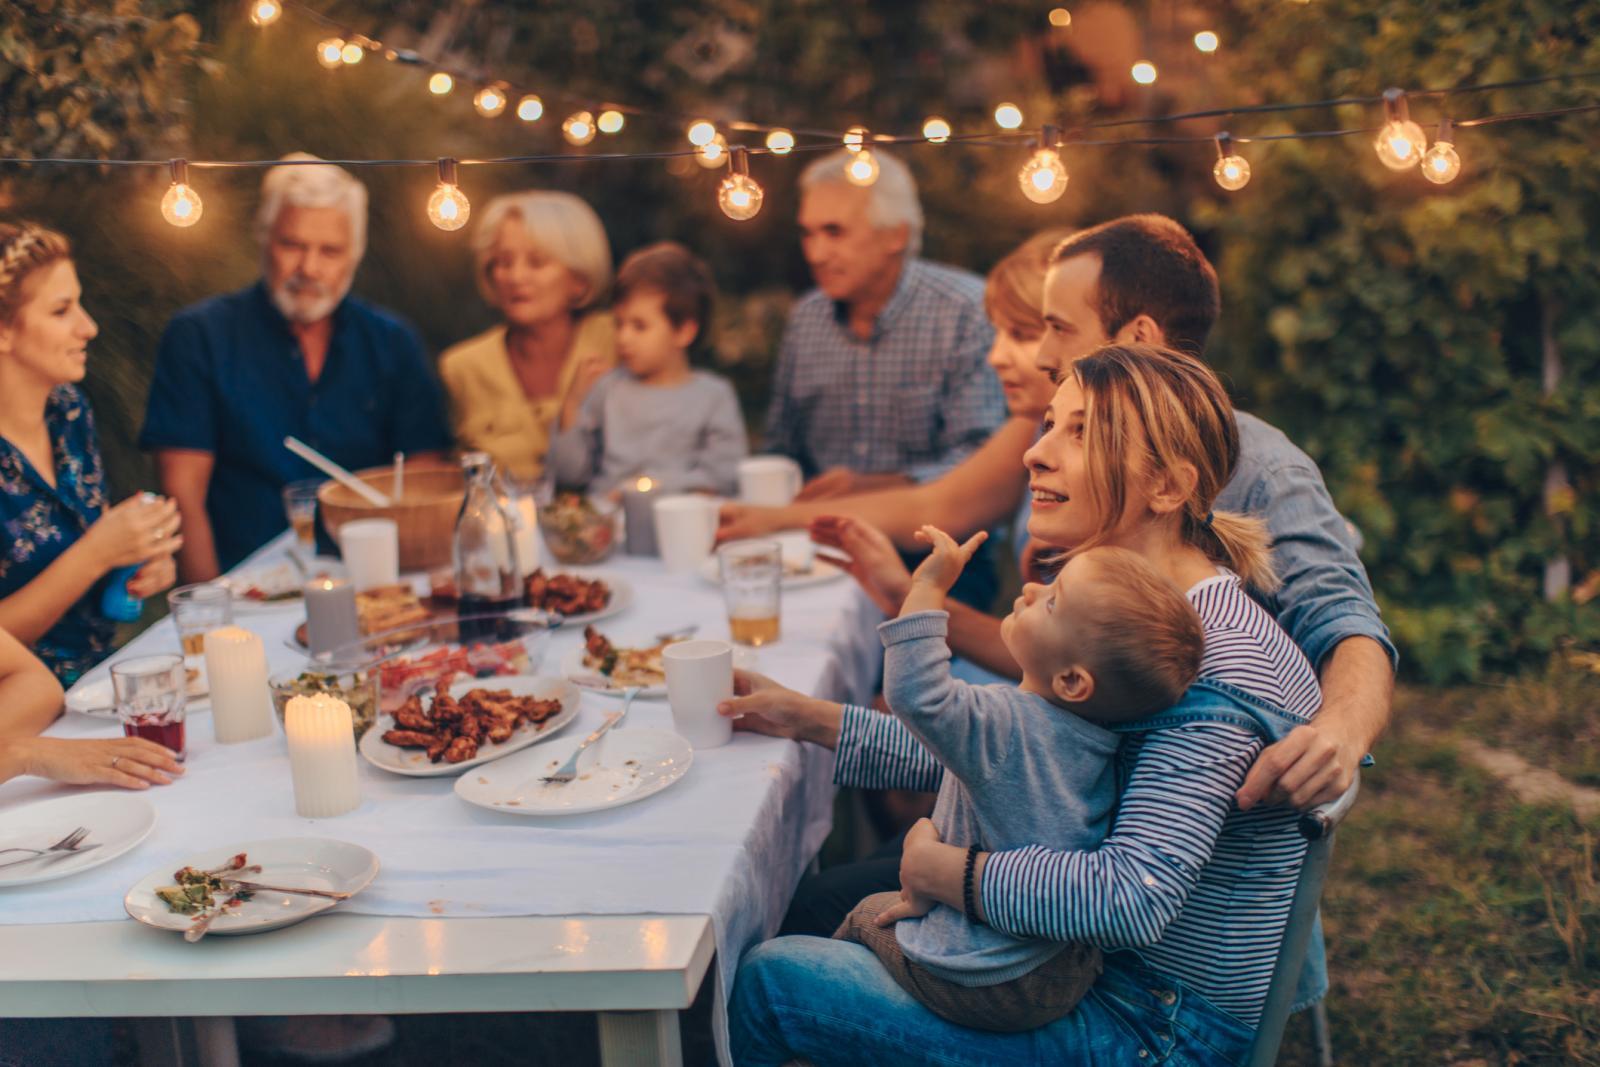 Tijekom desetljeća odrastanja i starenja, organizam prolazi kroz različite faze, a tako se mijenja i potreba za hranom.